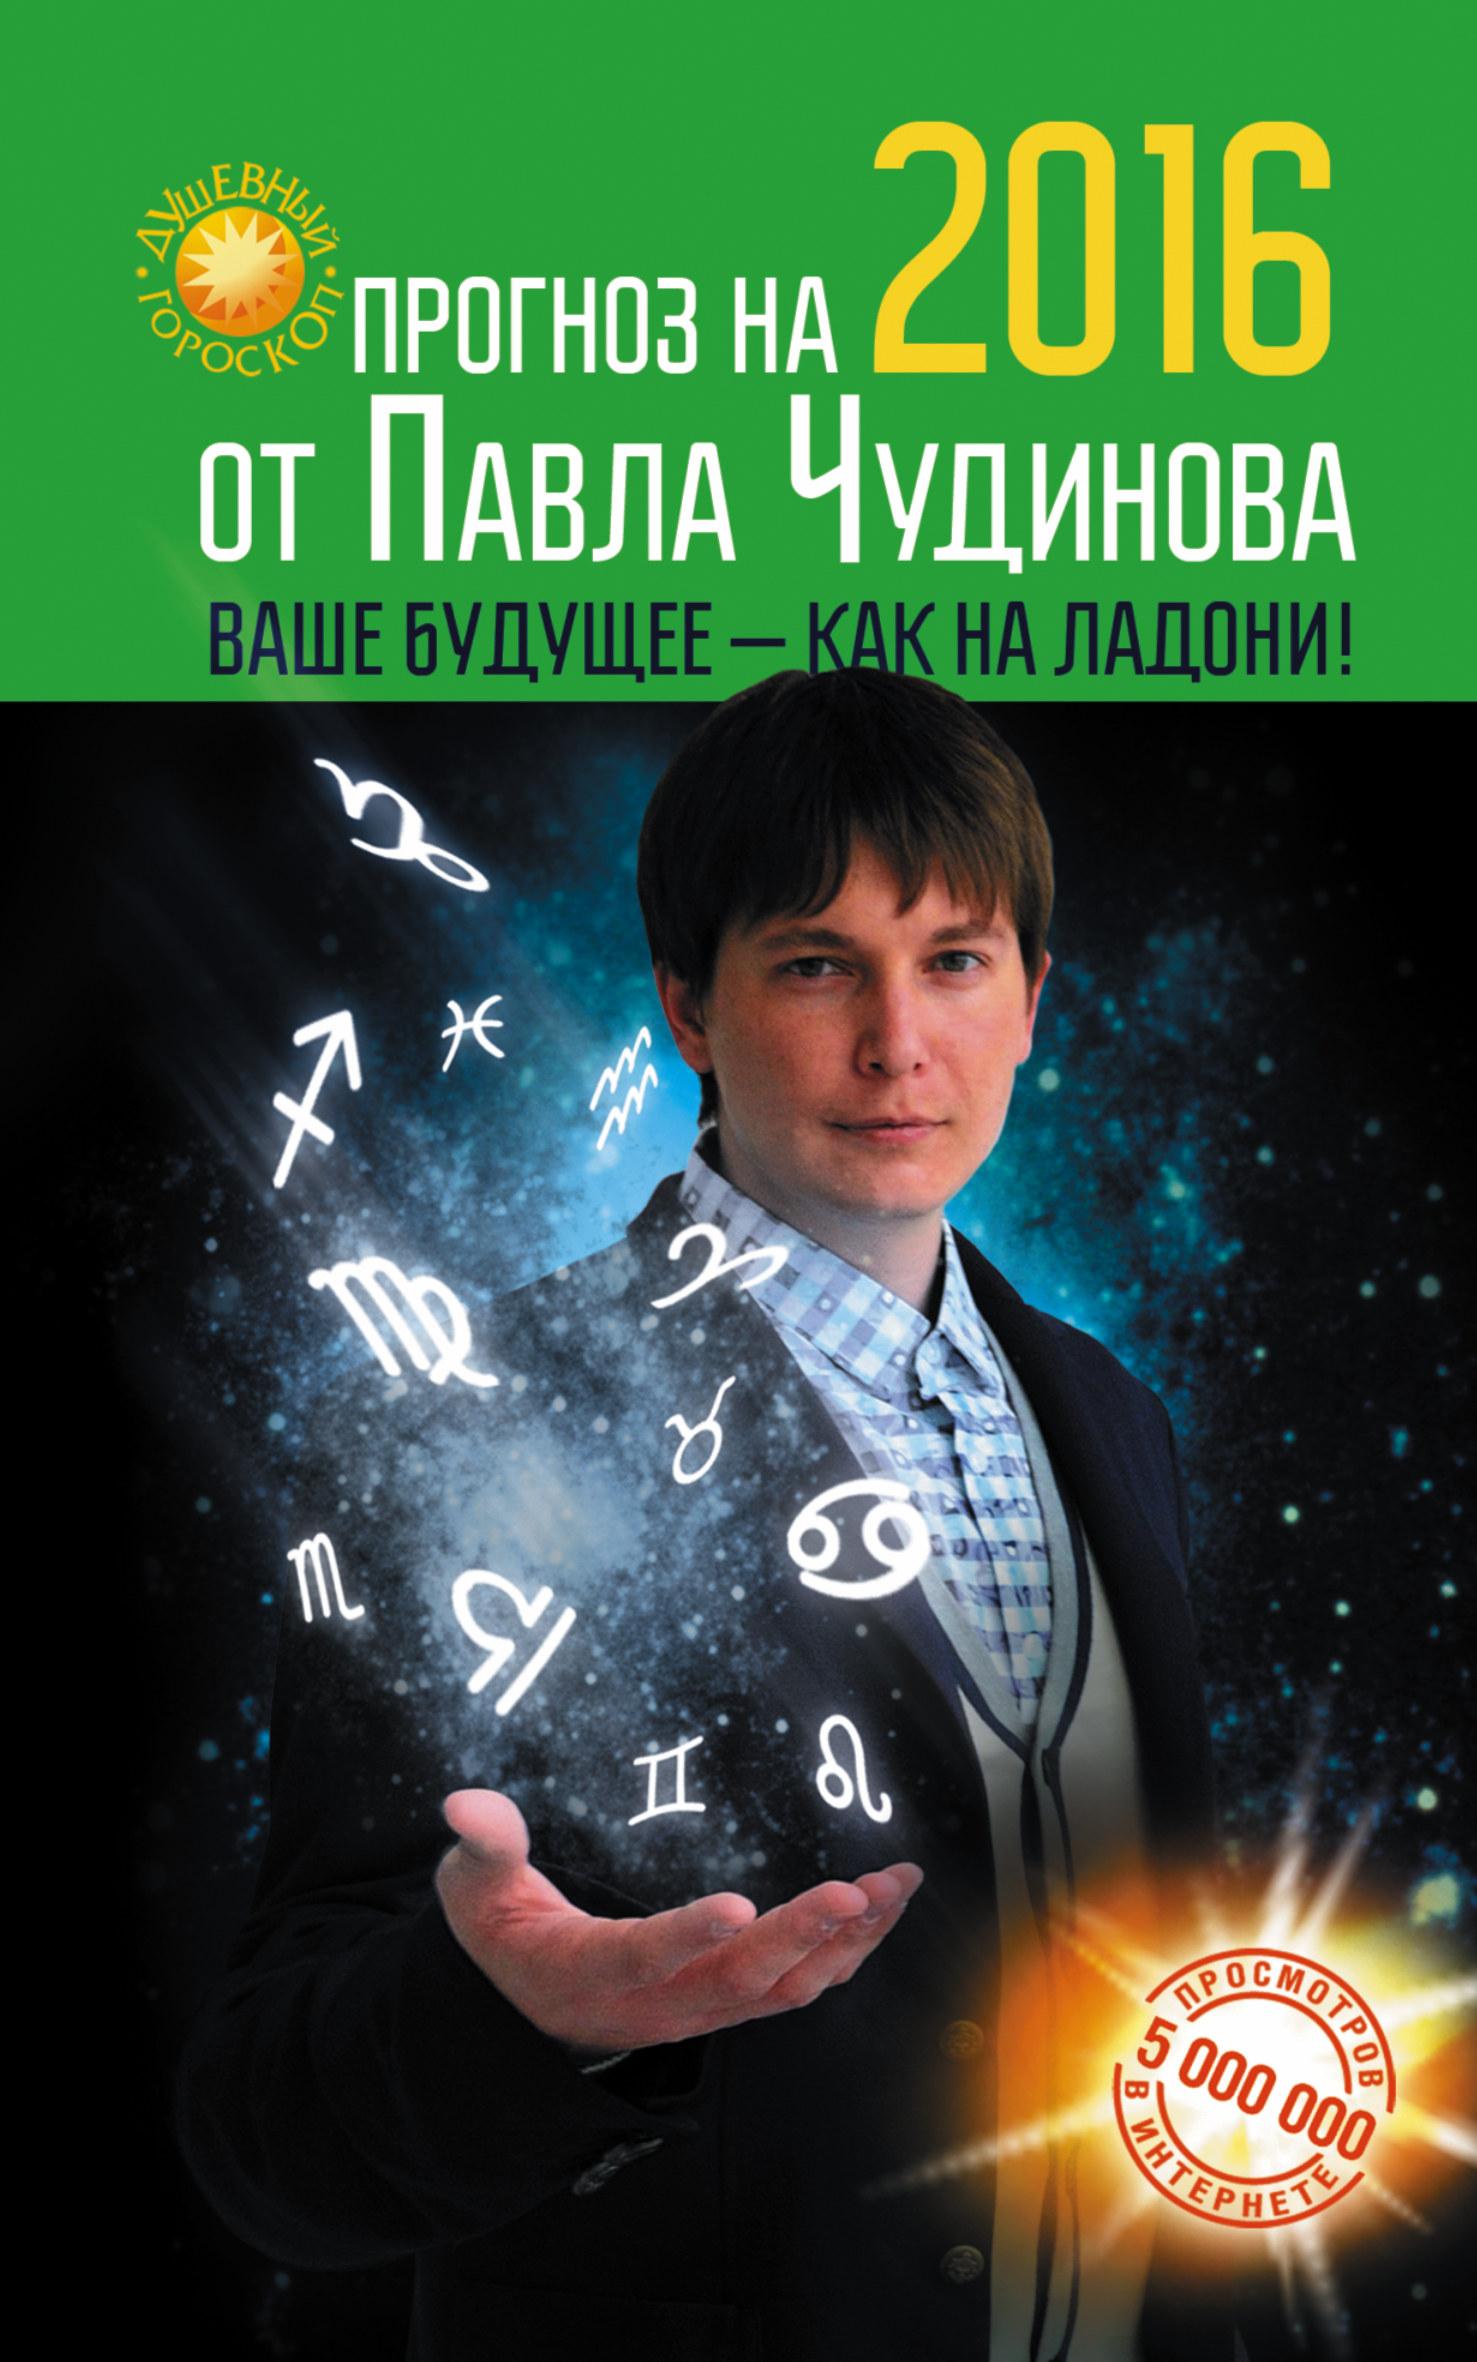 Прогноз на 2016 от Павла Чудинова. Ваше будущее - как на ладони